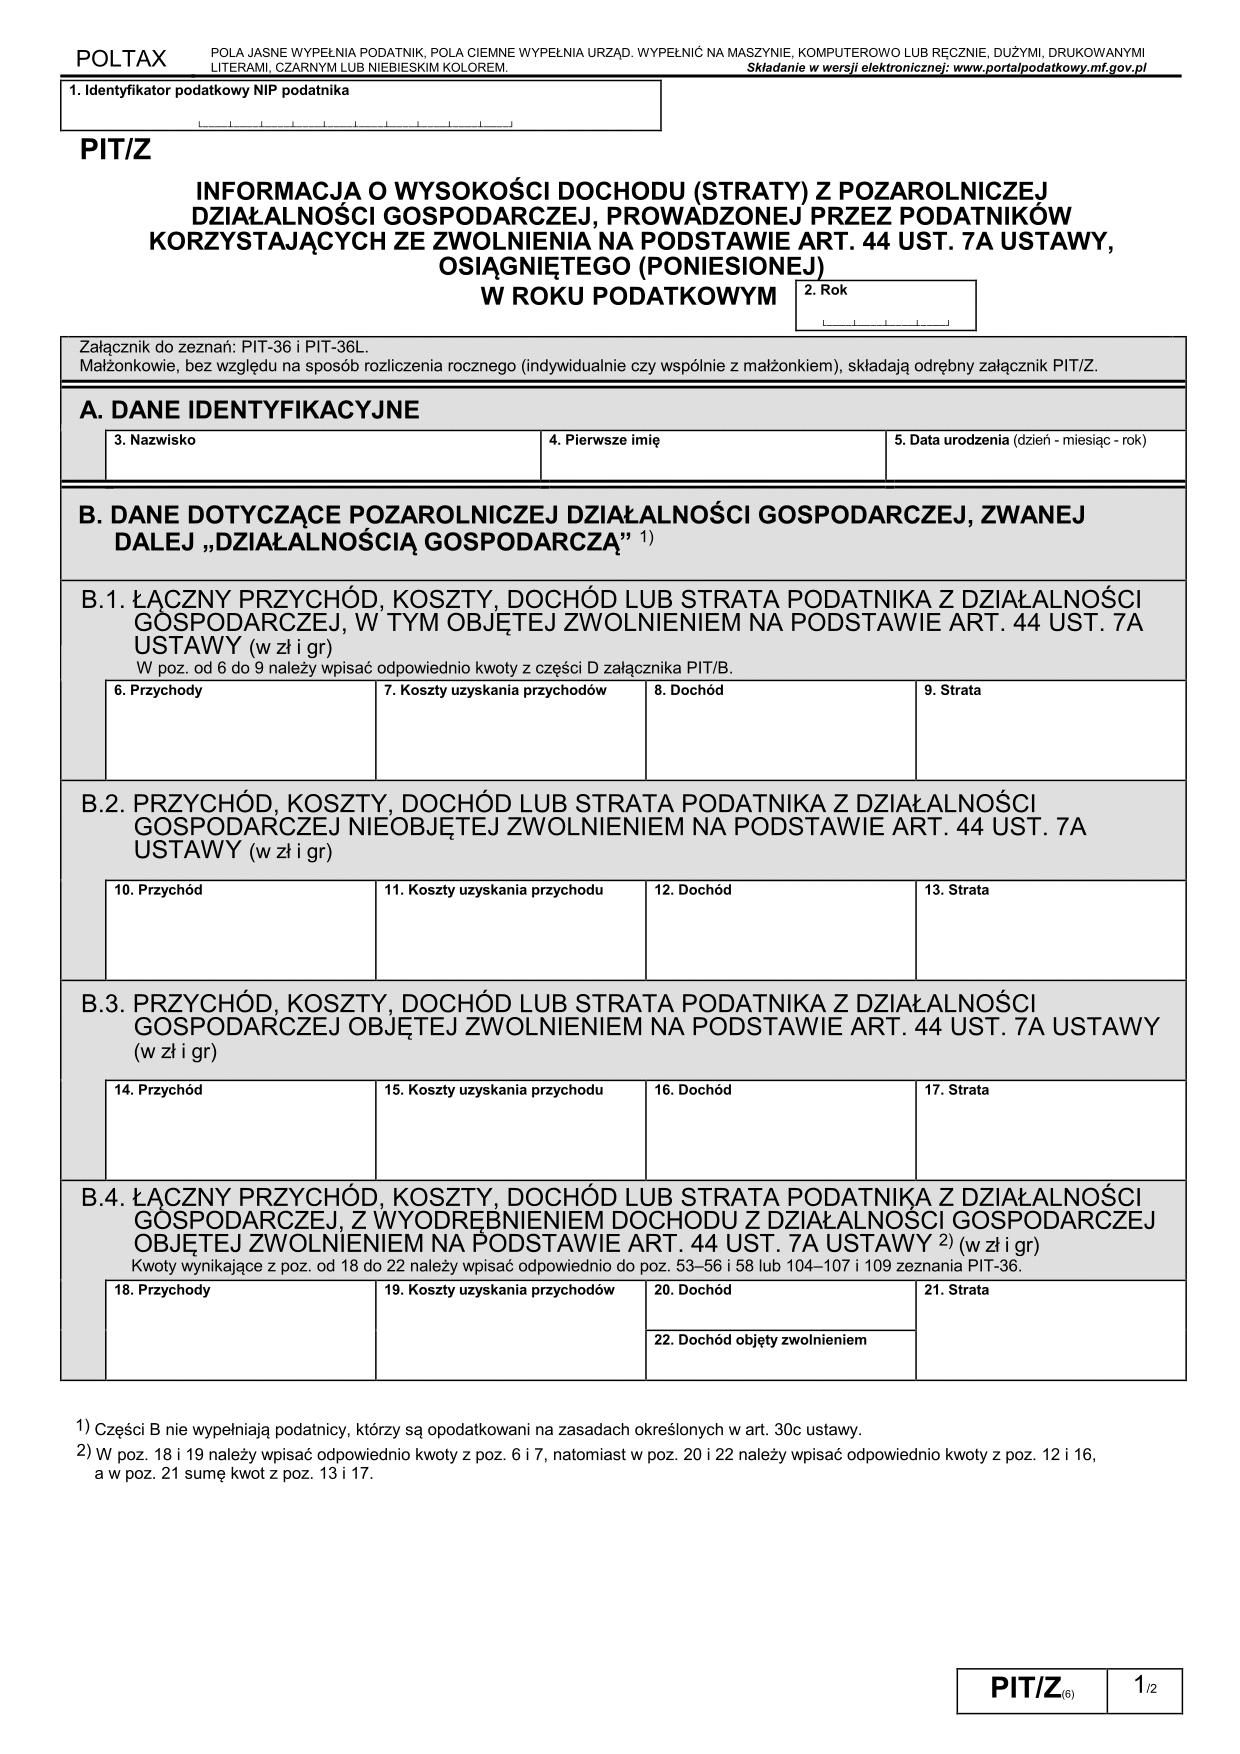 PIT/Z (6) (2015, 2016) Informacja o wysokości dochodu (straty) z pozarolniczej działalności gospodarczej, prowadzonej przez podatników korzystających ze zwolnienia na podstawie art.44 ust.7a ustawy, osiągniętego (poniesionej)